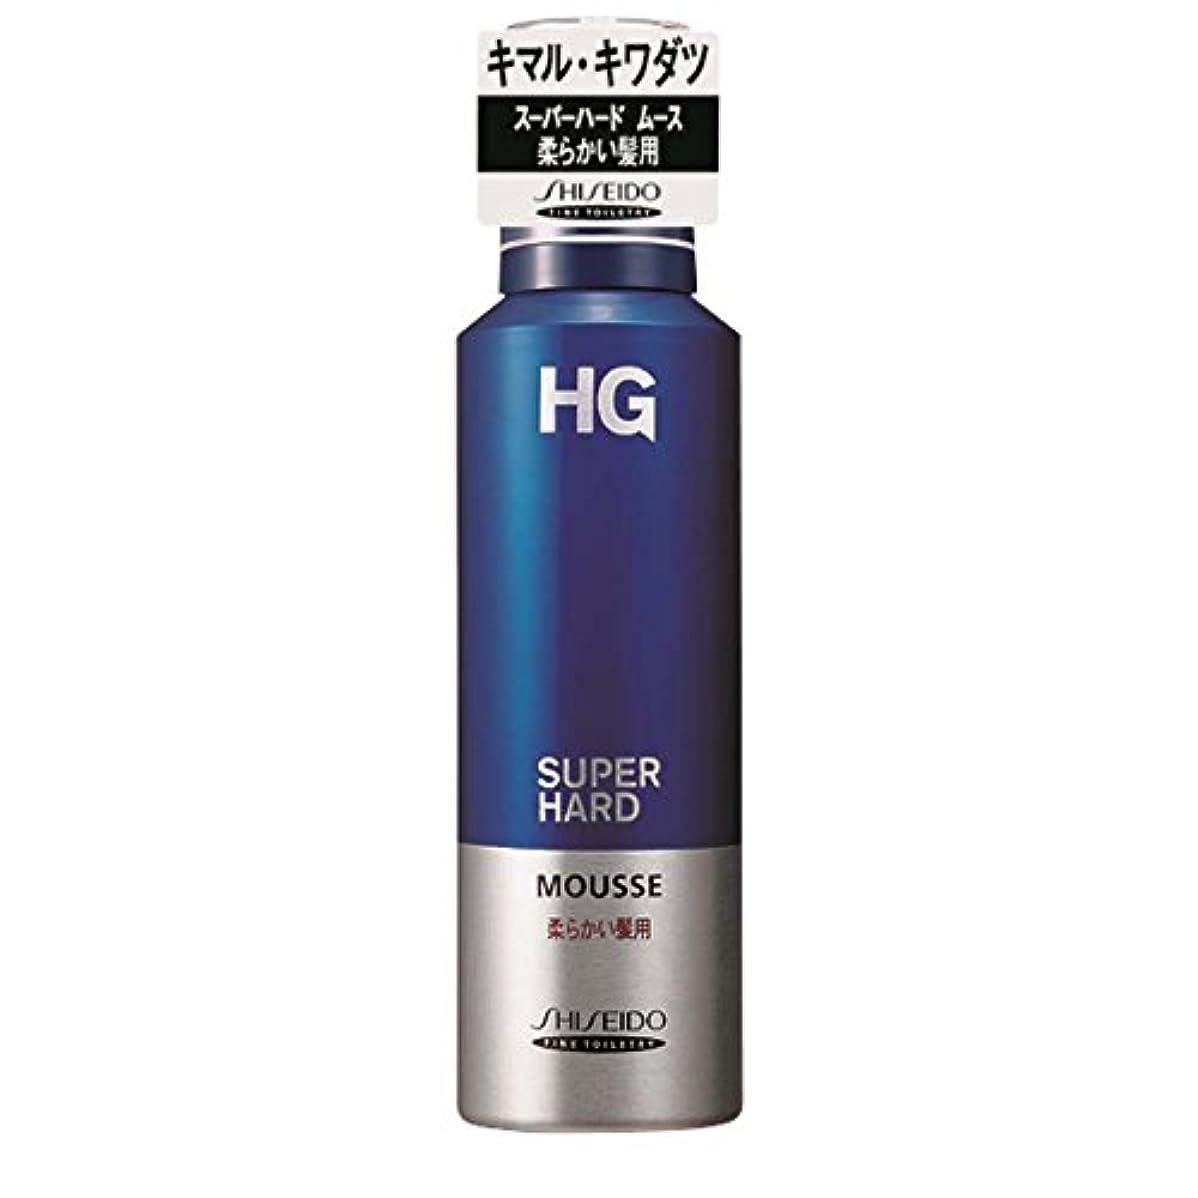 HG スーパーハード ムース 柔かい髪 180g